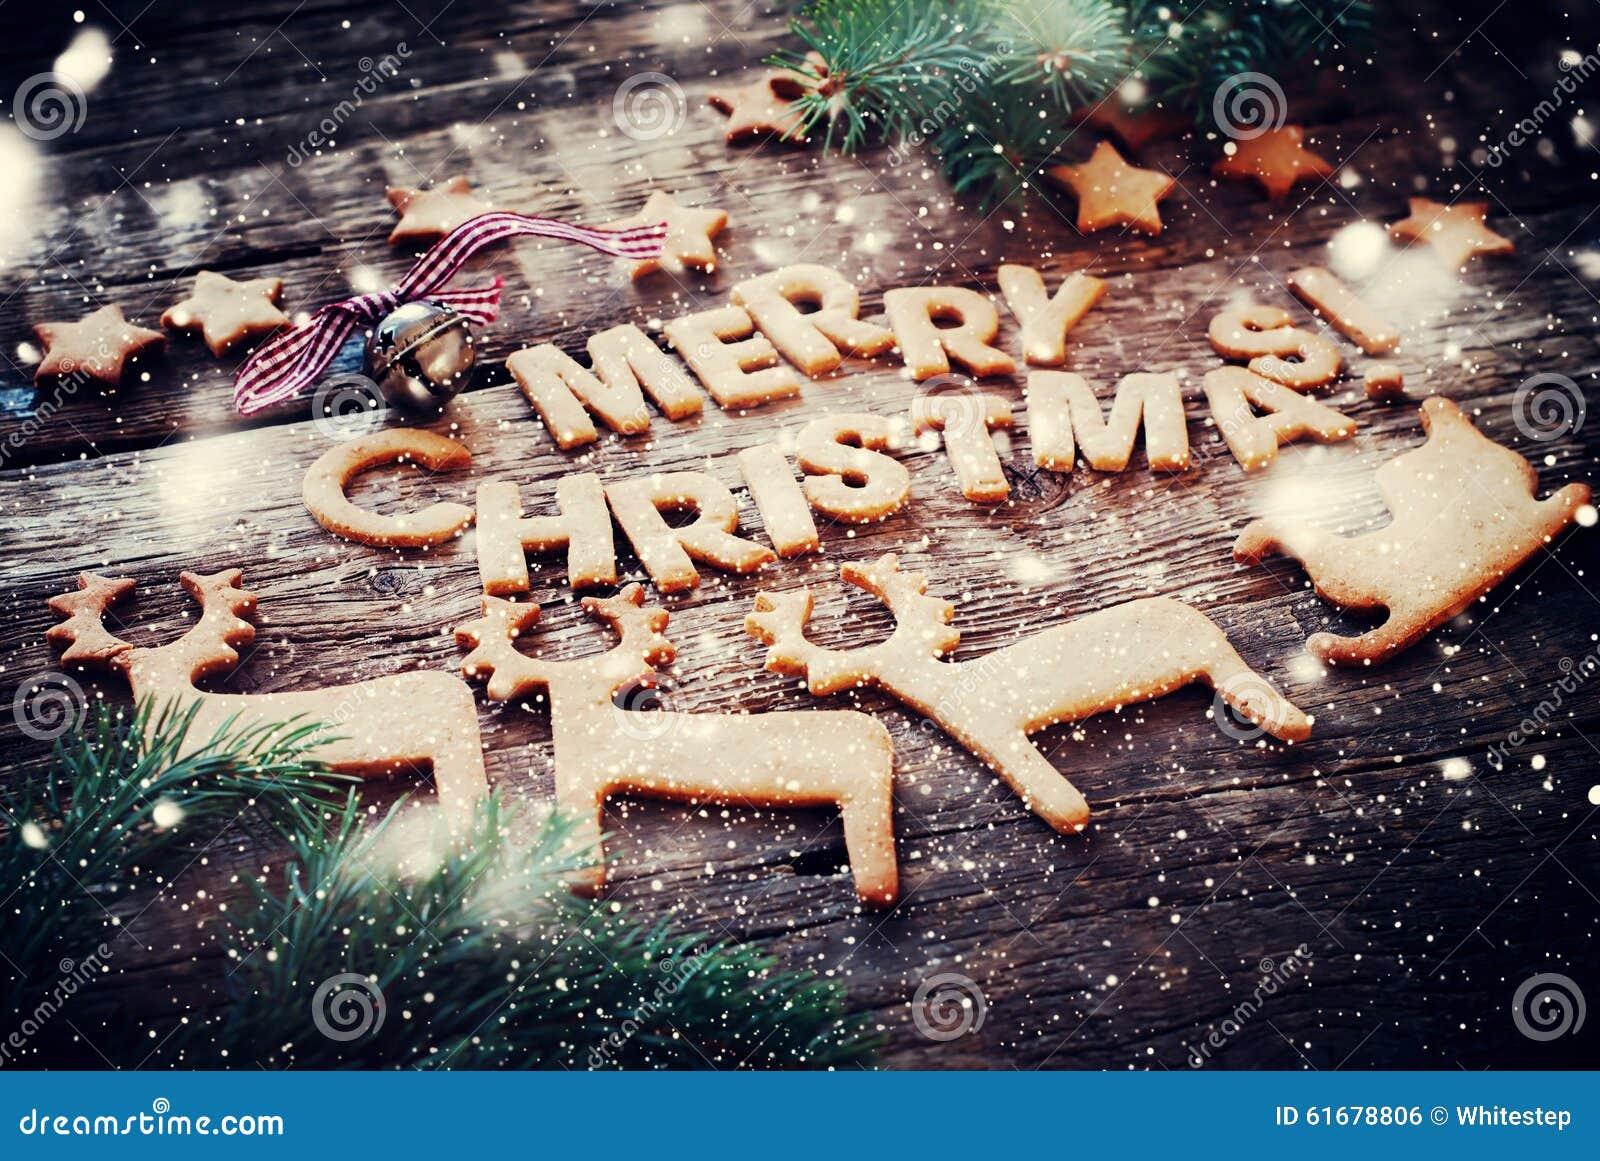 Buchstaben Frohe Weihnachten.Karte Mit Lebkuchen Plätzchen Buchstaben Frohe Weihnachten Und